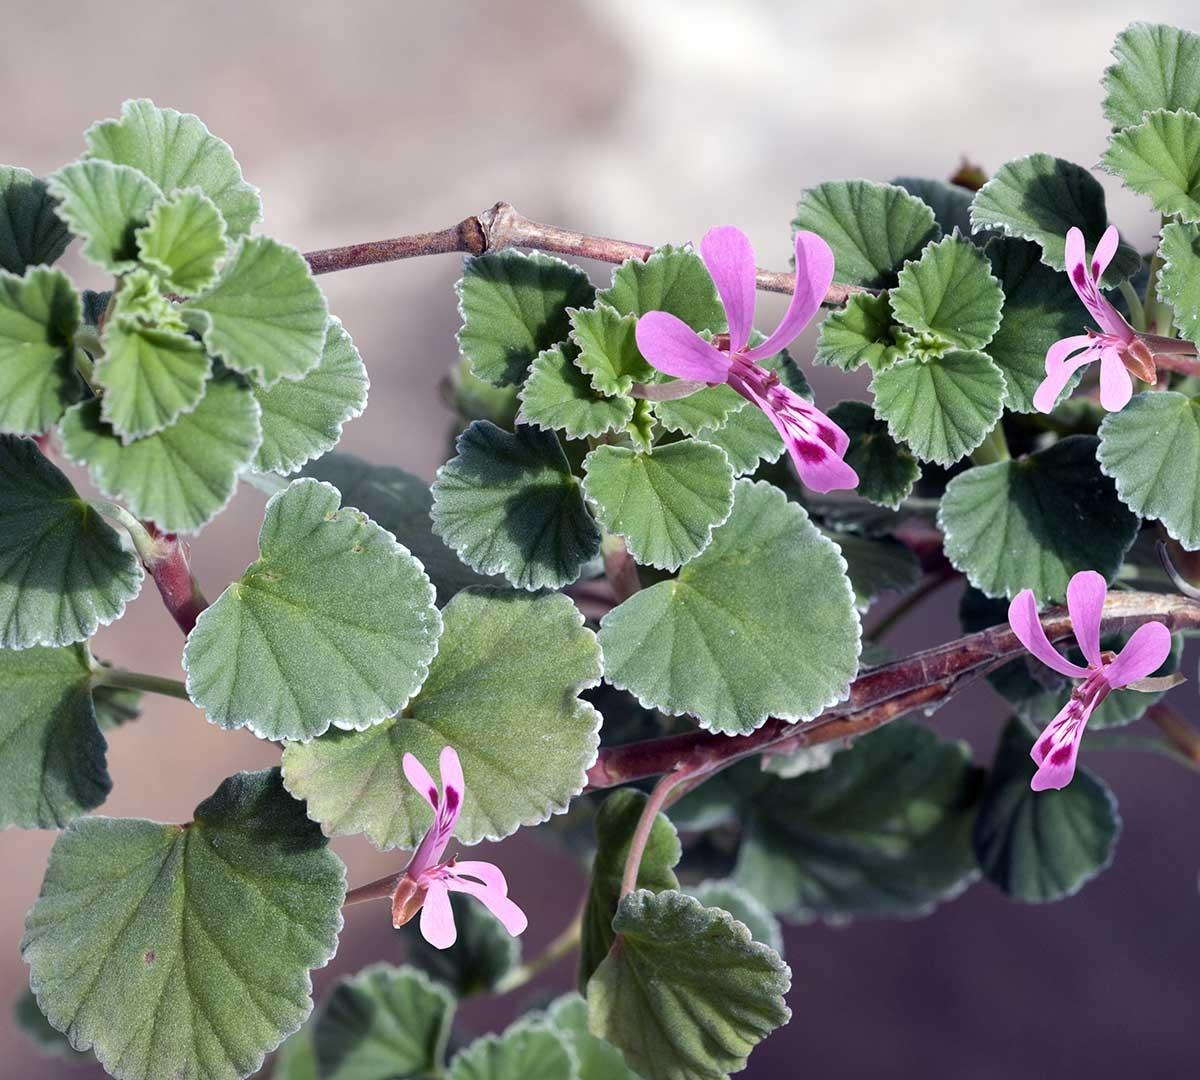 Umckaloabo - Pelargonium sidoides